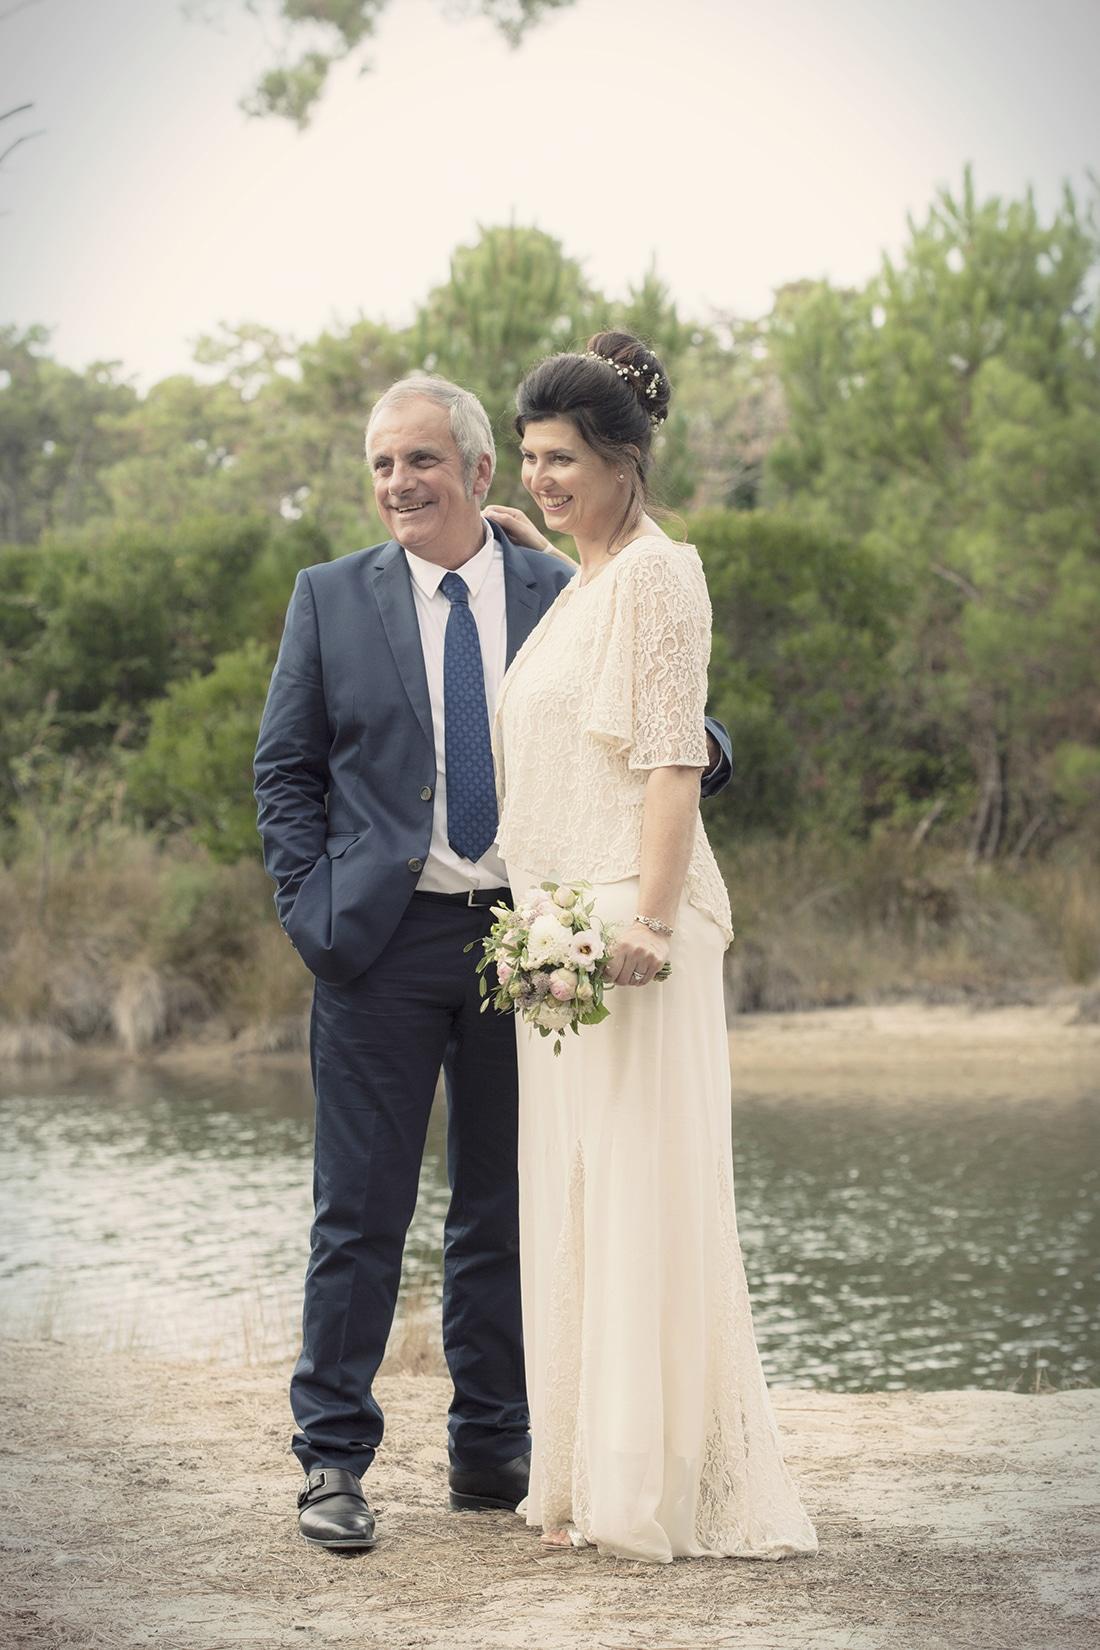 Intimate wedding in Cap Ferret